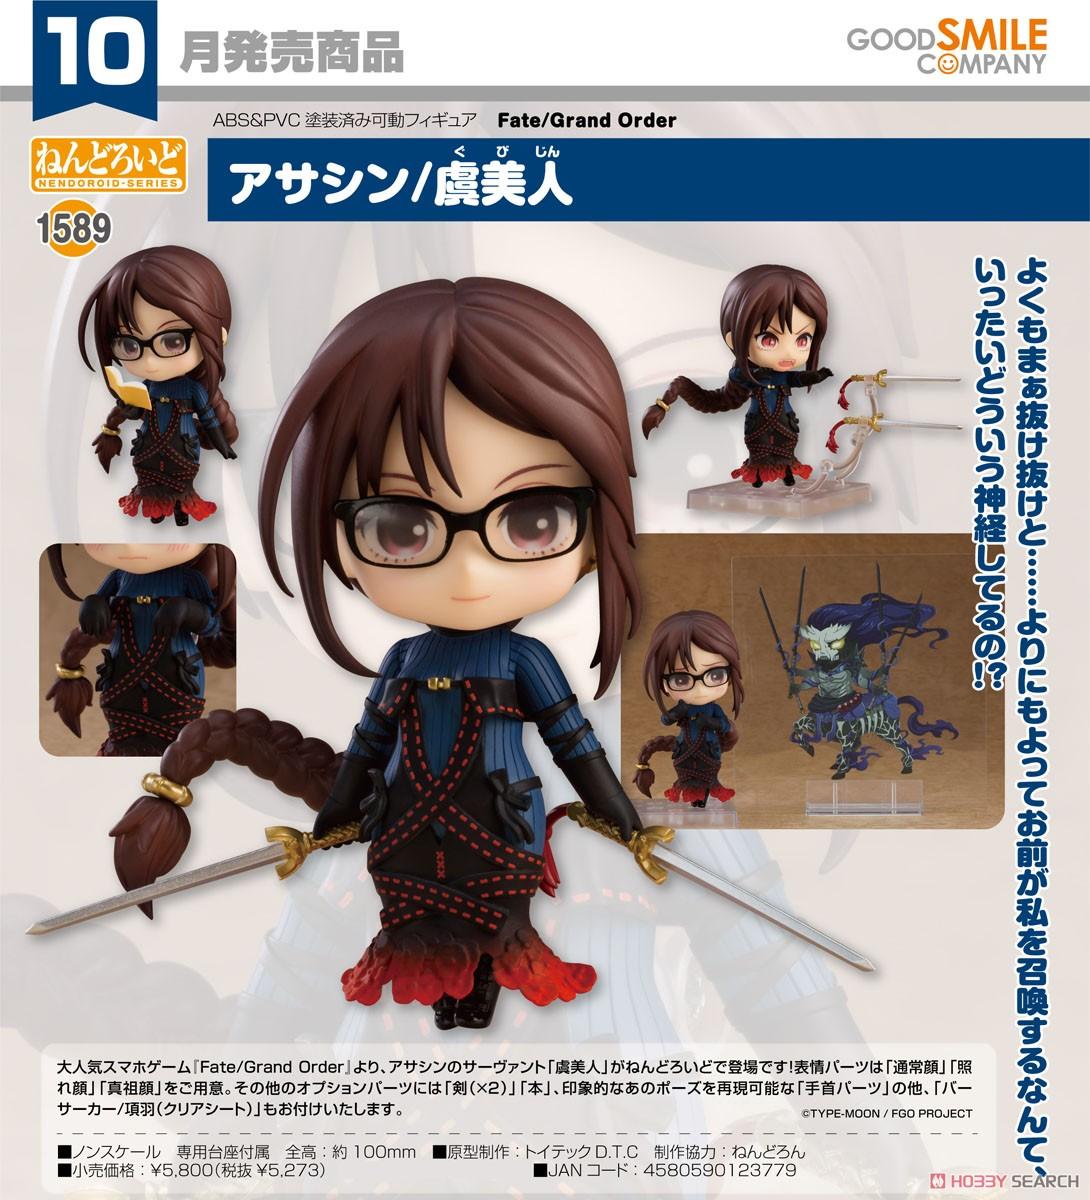 ねんどろいど『アサシン/虞美人』Fate/Grand Order デフォルメ可動フィギュア-006